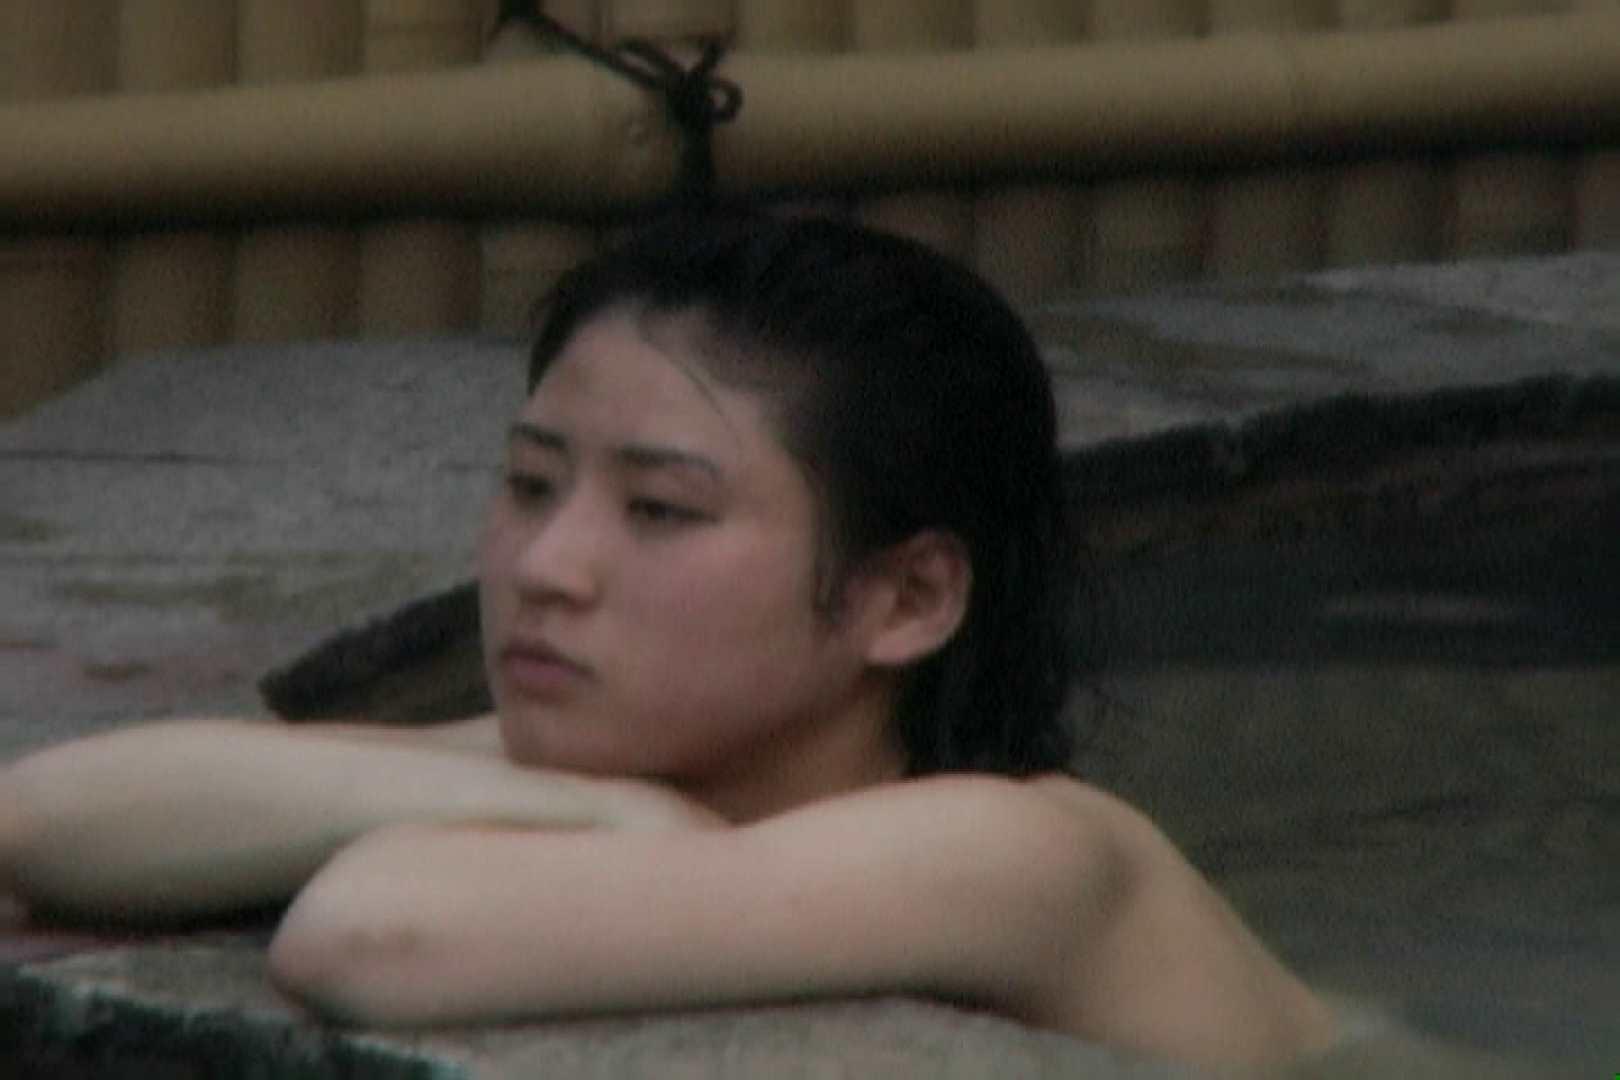 高画質露天女風呂観察 vol.004 入浴 | 露天風呂編  99PIX 79